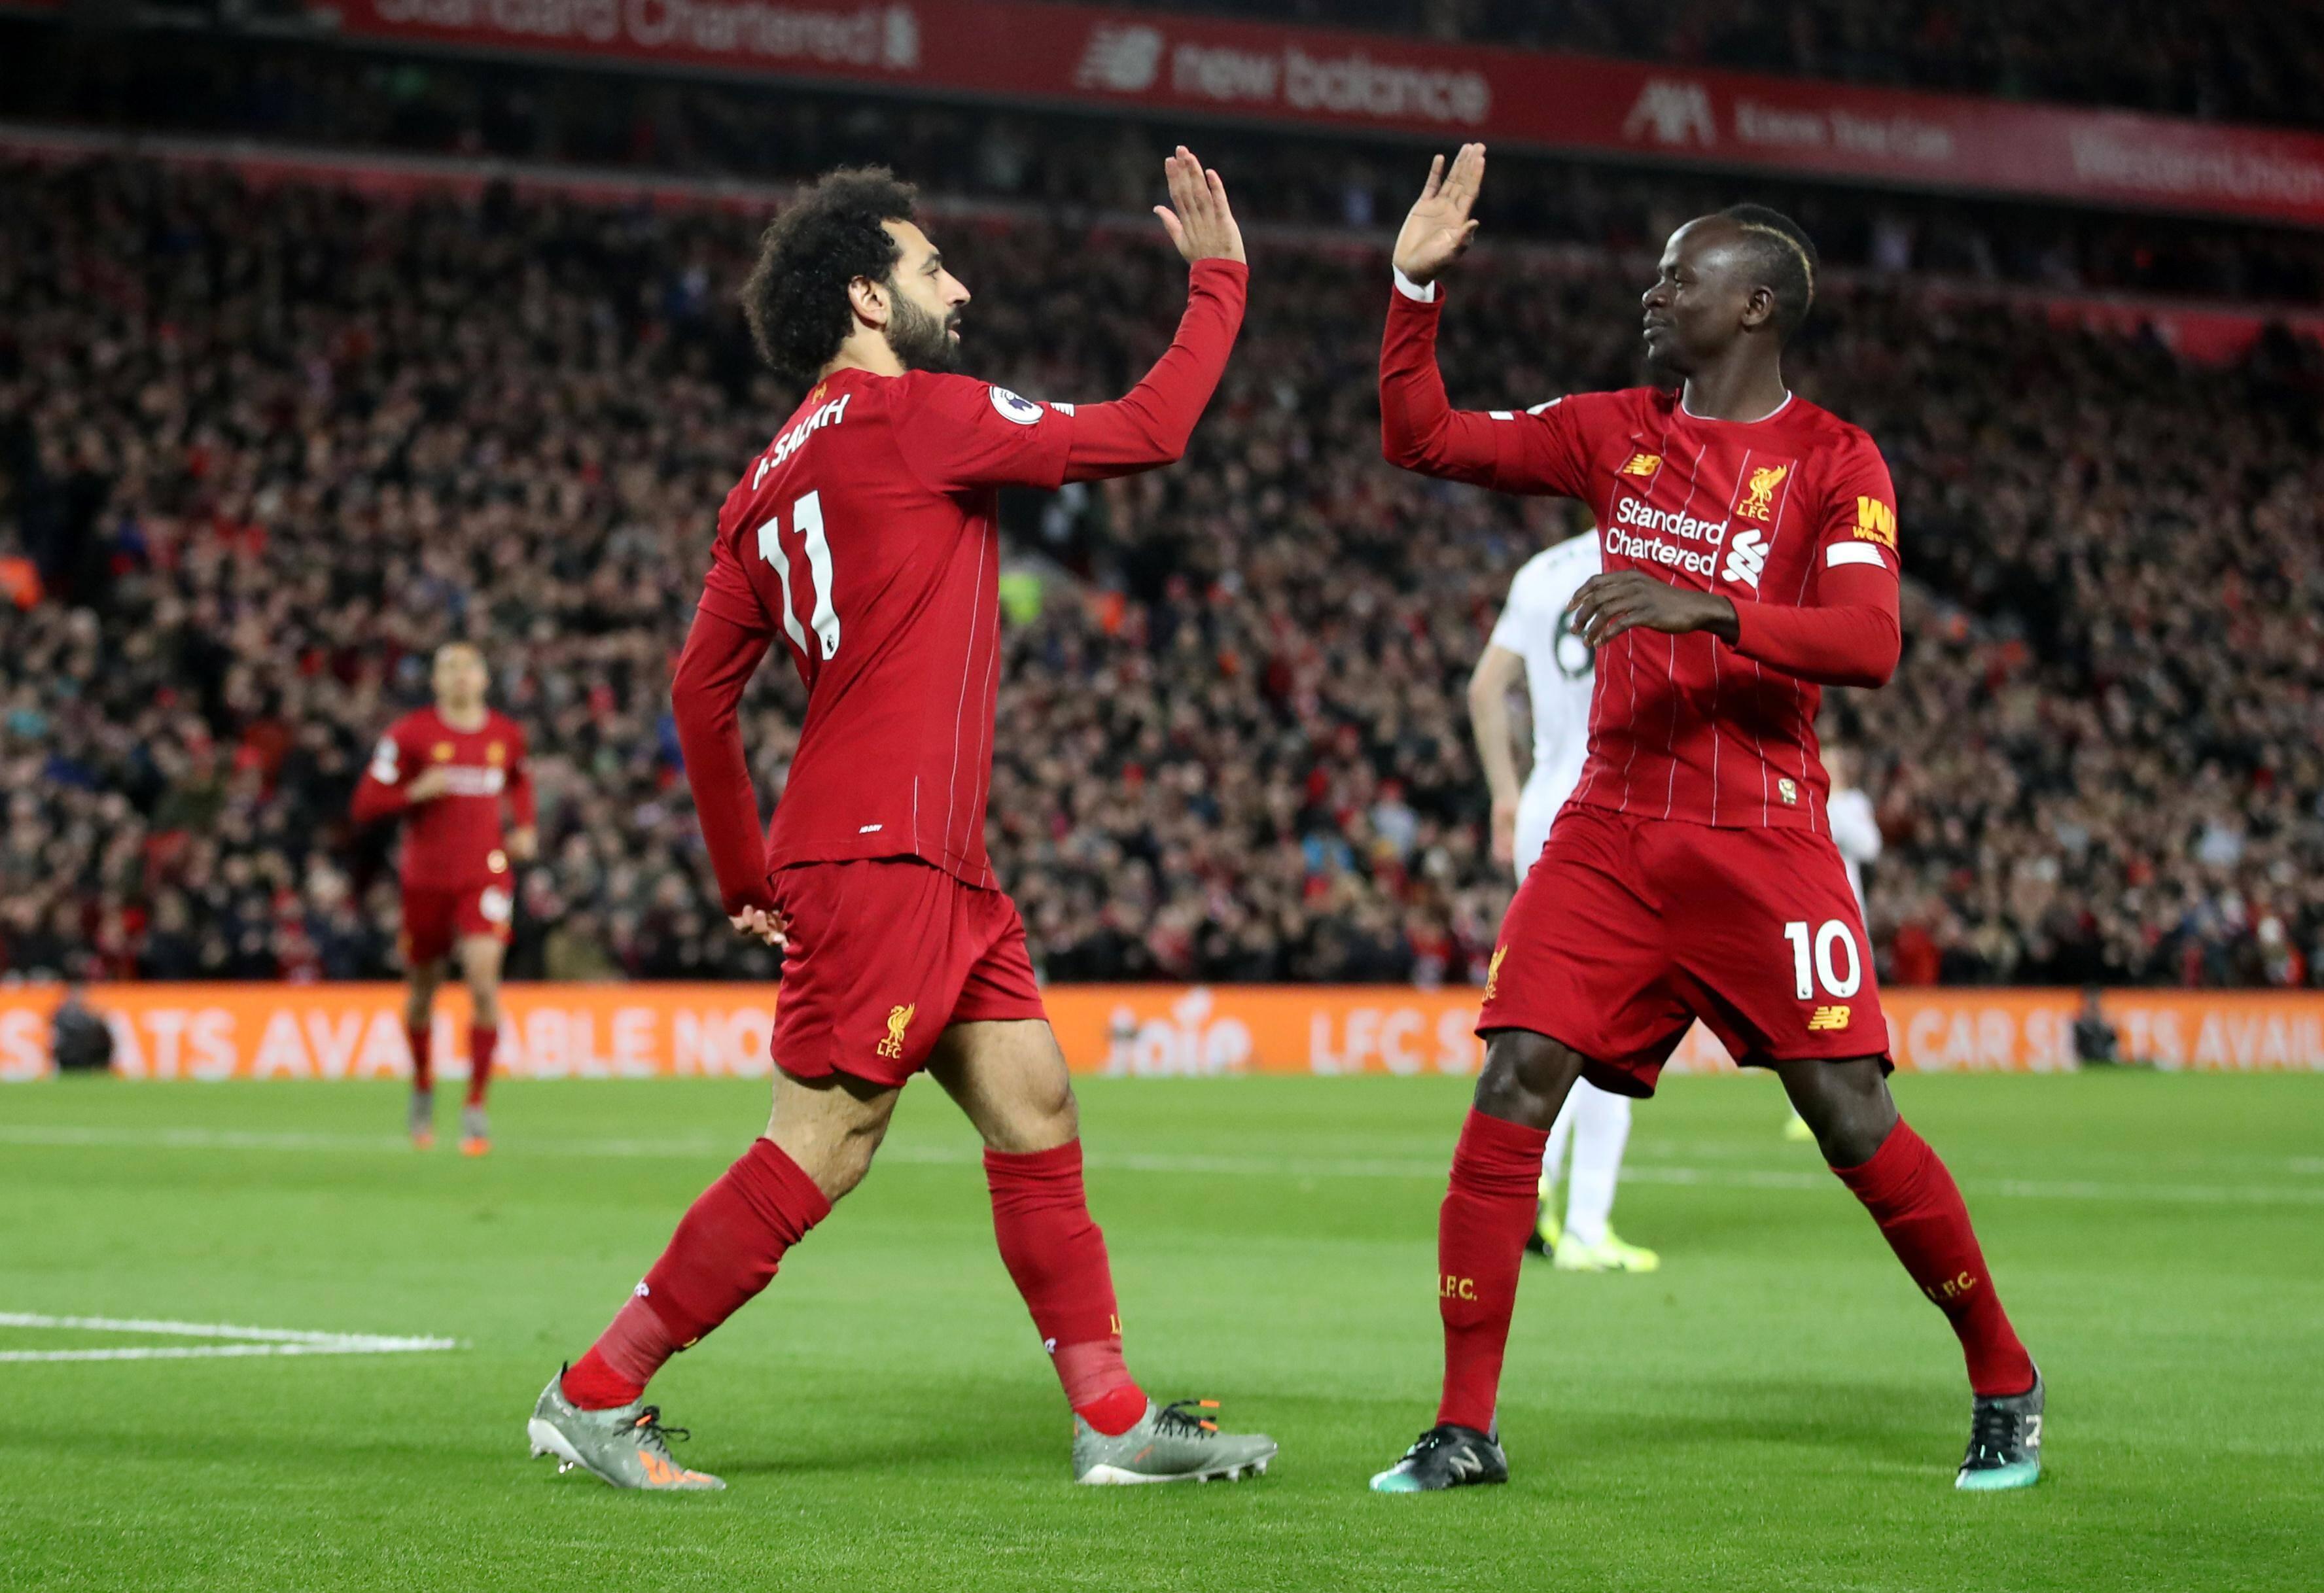 Foto: Reprodução/Twitter Premier League